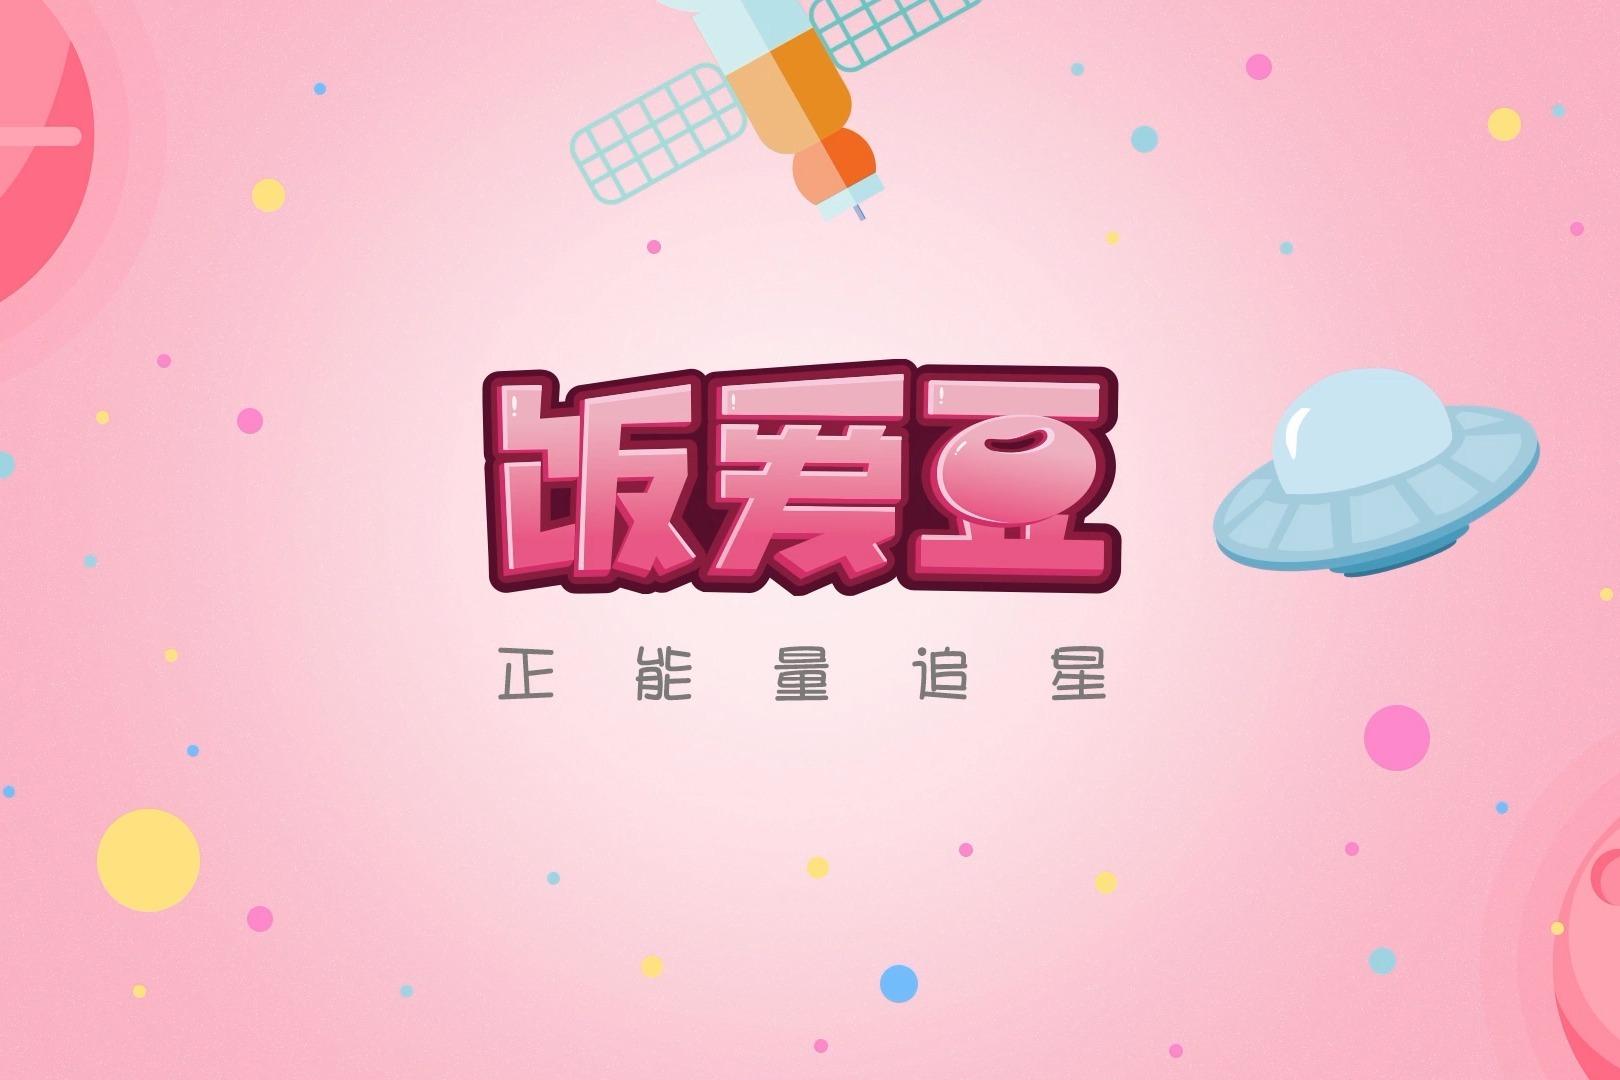 饭爱豆五周年生日快乐,感谢众星发来贺电!